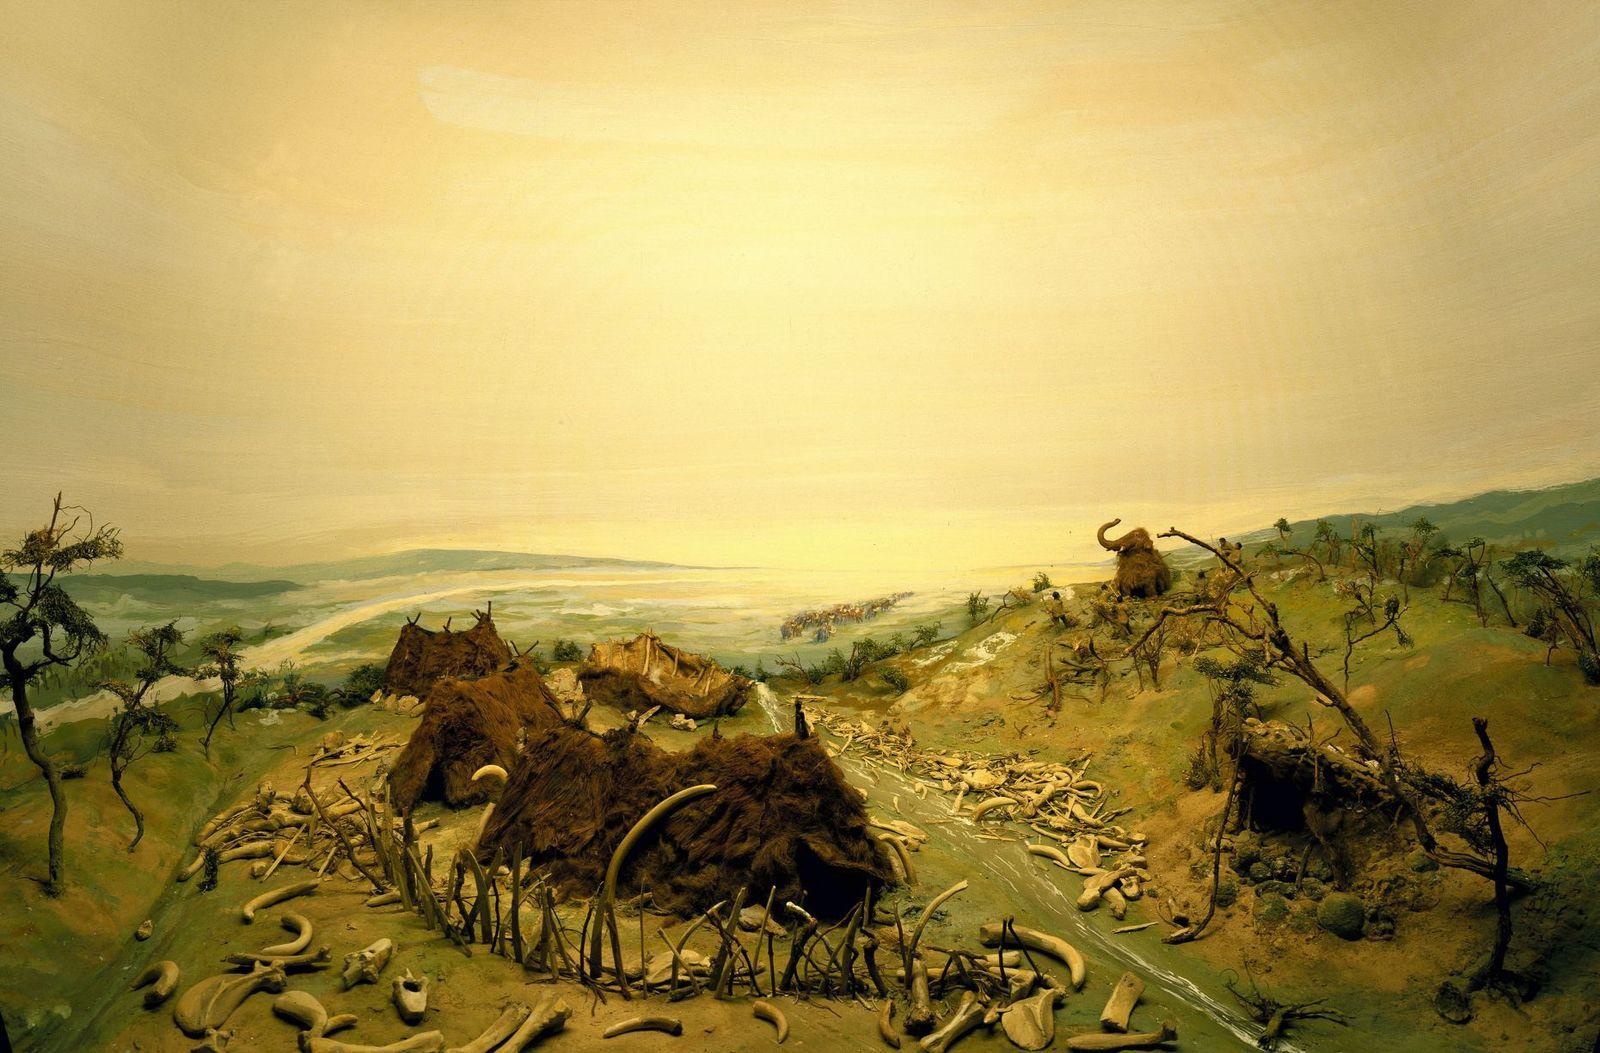 Ein Diorama zeigt die Rekonstruktion eines Mammutjägerlagers, nach Grabungsbefunden in Dolni-Vestonice/Unterwisternitz, Mähren, wo eine Jagdstation des Gravettien (ca. 31.000-25.000 v. Chr.) aufgedeckt wurde. So ähnlich könnten auch die Lager der Jäger ausgesehen haben, die in der Mitteleuropäischen Tundra unterwegs waren. (c) bpk / Museum für Vor- und Frühgeschichte, SMB / Jürgen Liepe